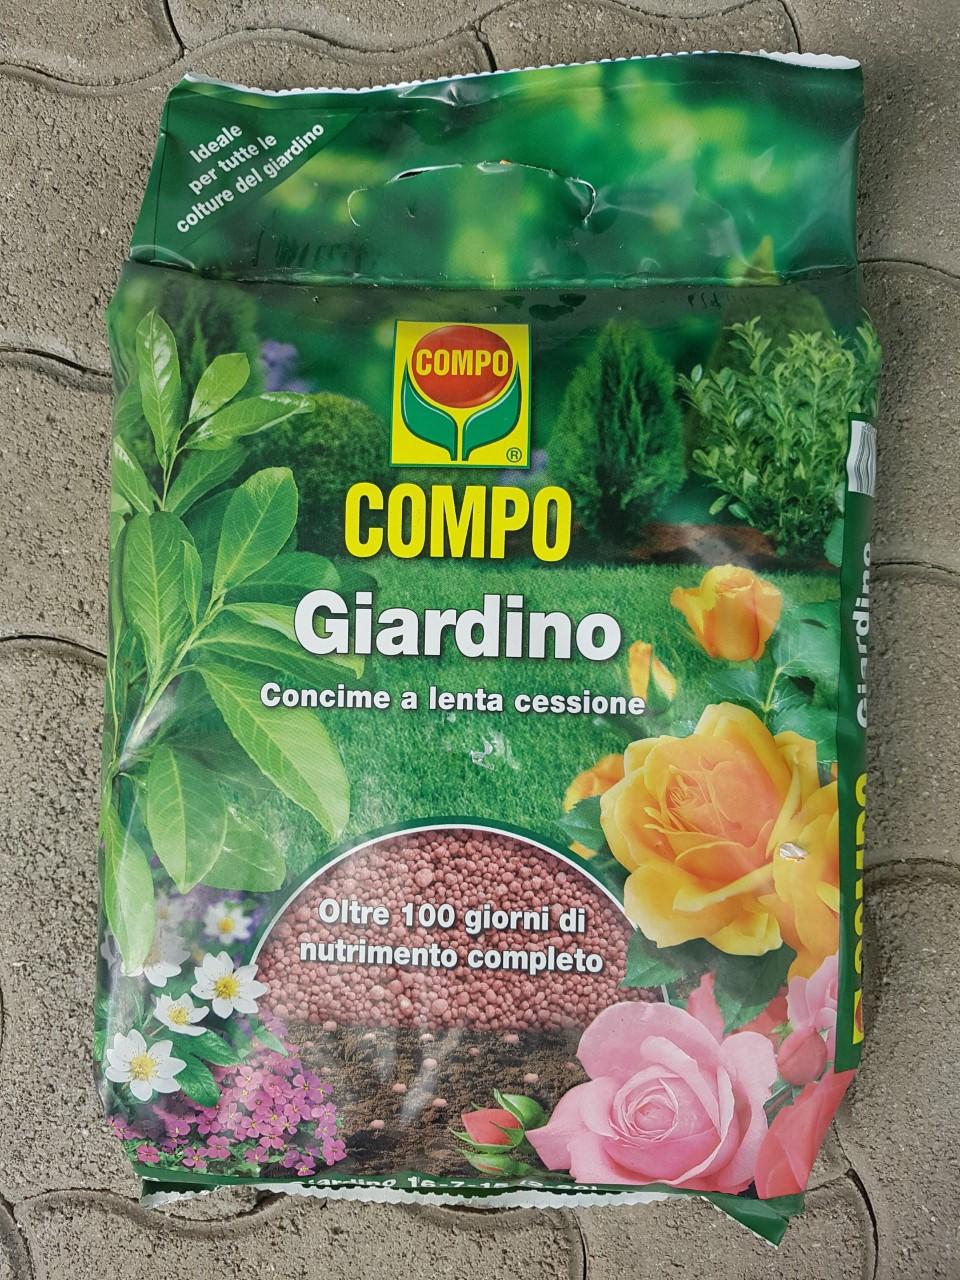 Tutori Per Rose Rampicanti compo. concime a lenta cessione per giardino .sacco da 4 kg. - garden  center mediterraneo